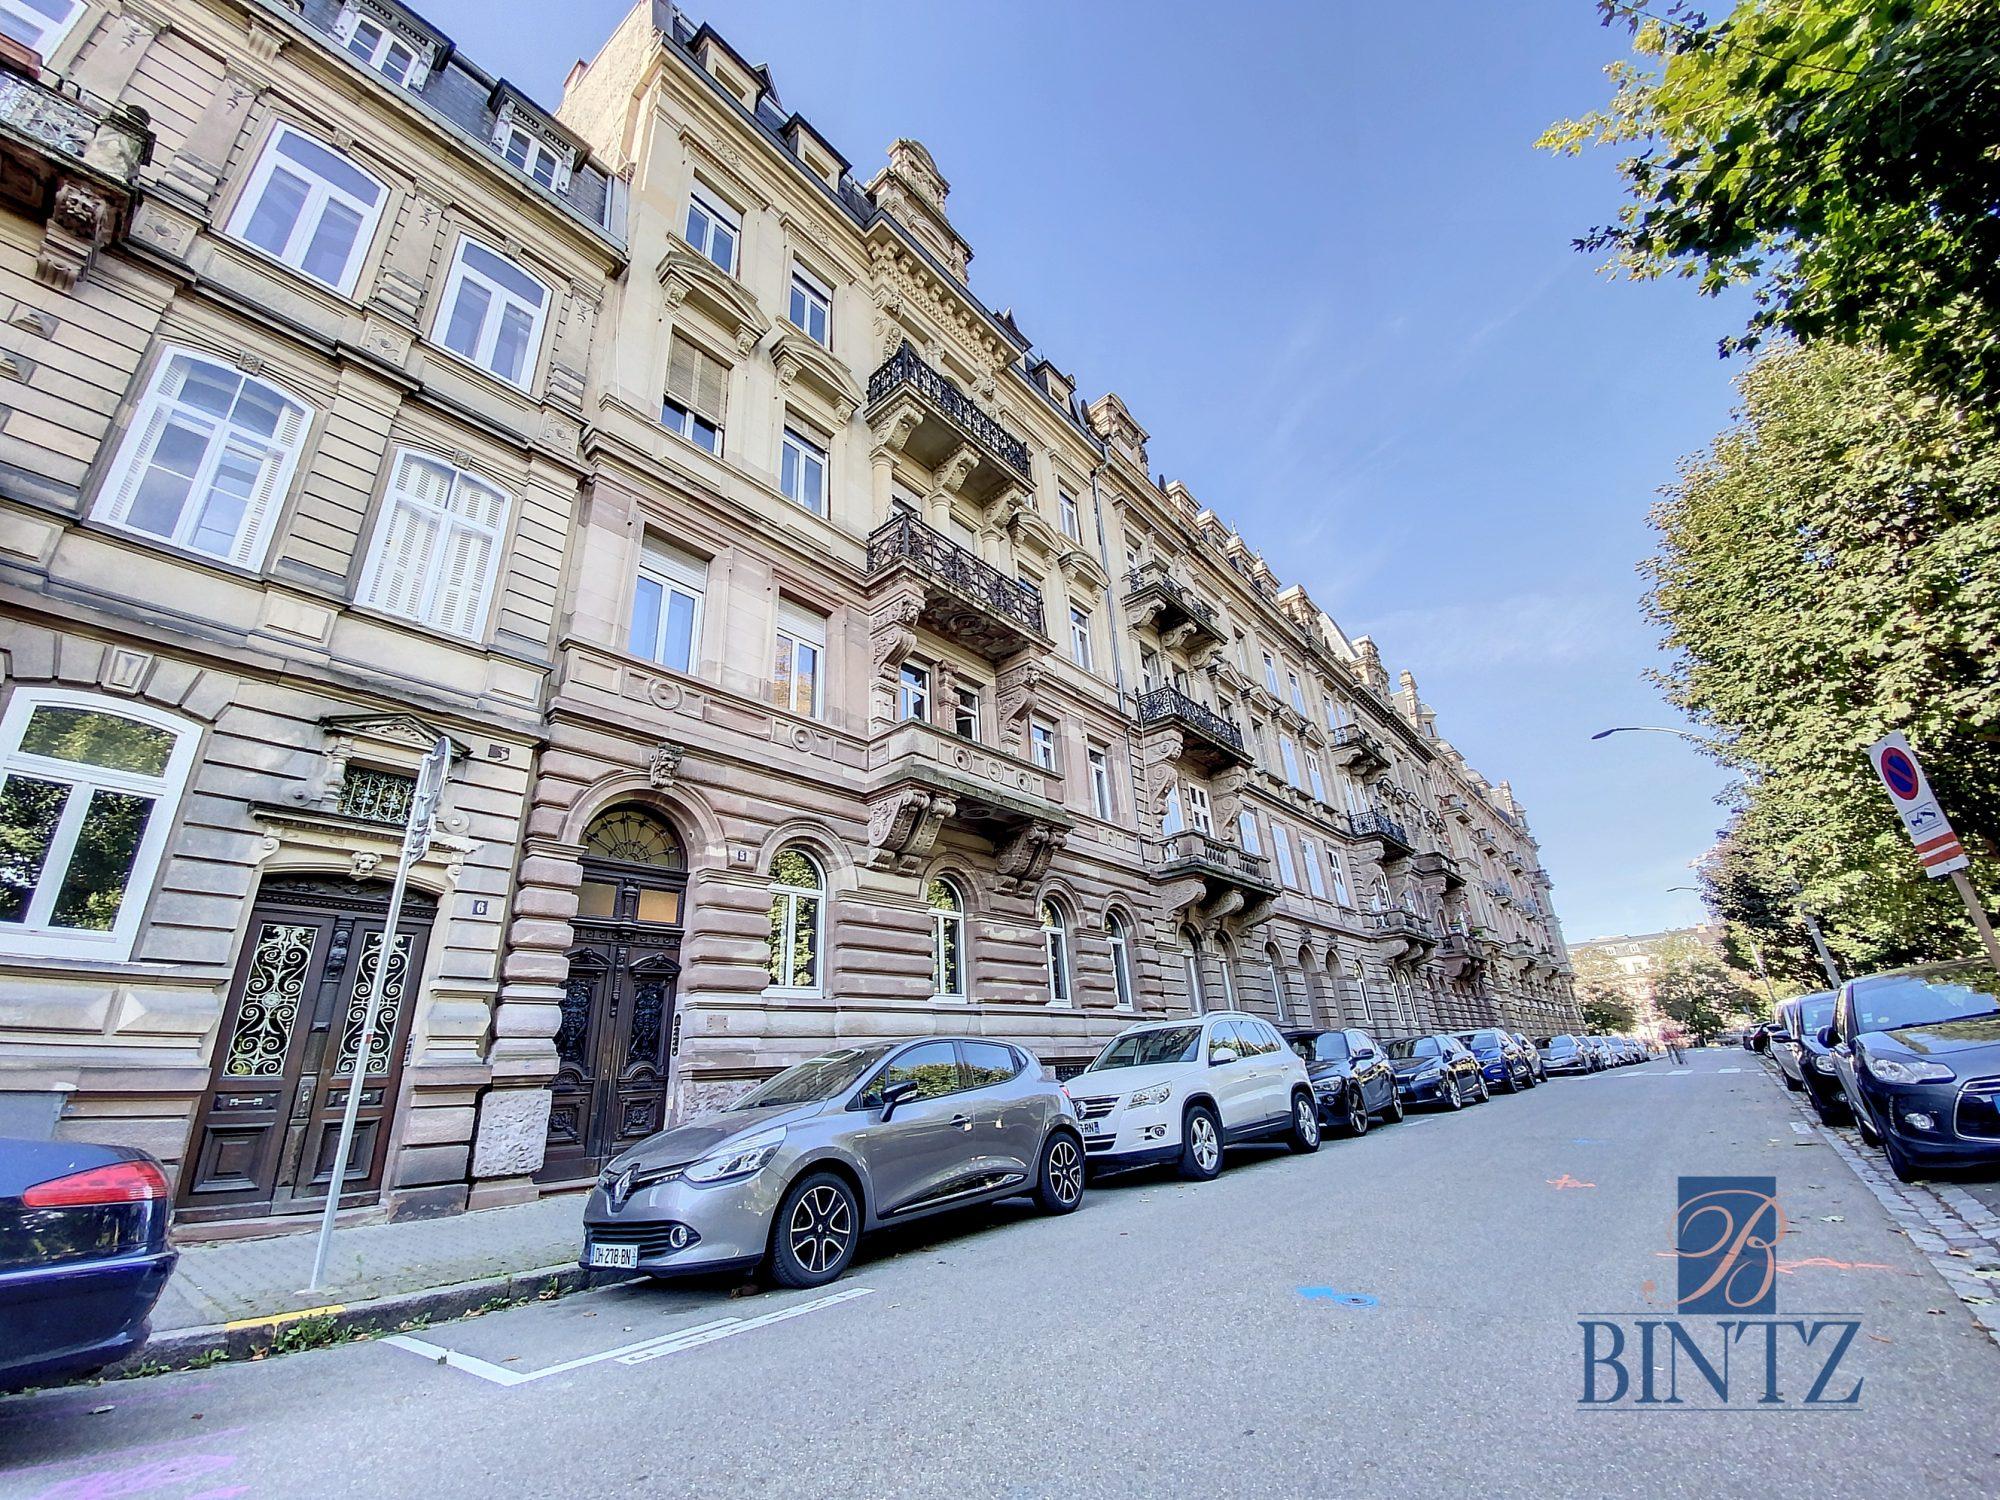 DUPLEX avec terrasse PLACE DE L'UNIVERSITÉ AVEC TERRASSE - Devenez locataire en toute sérénité - Bintz Immobilier - 5